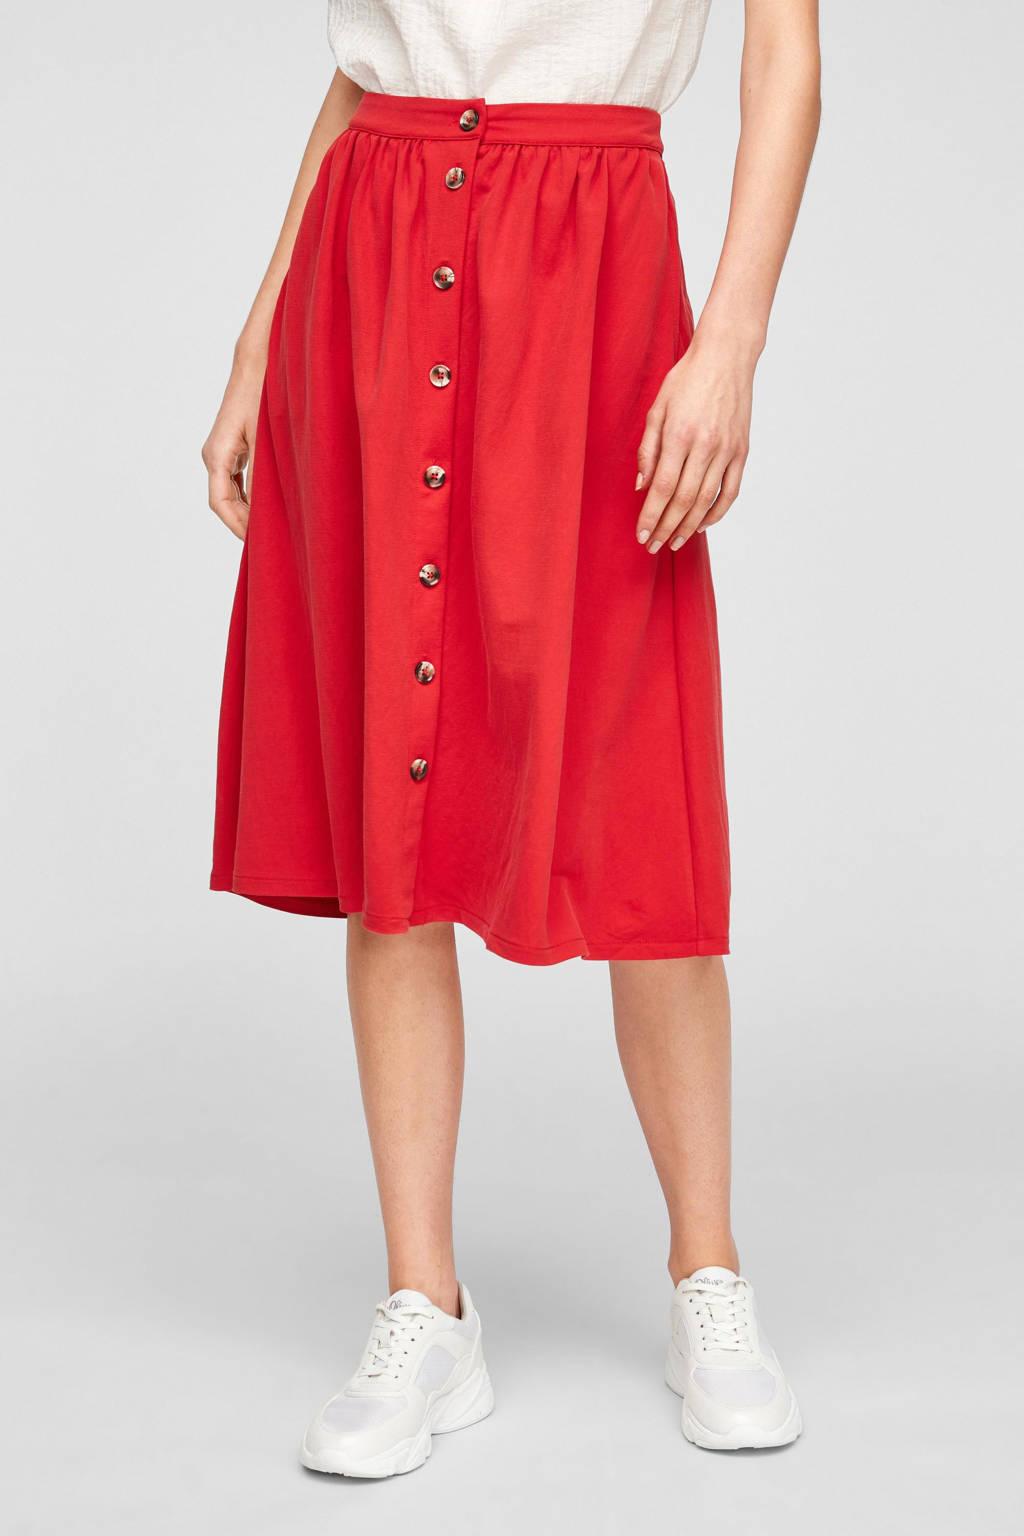 s.Oliver midi rok met plooien rood, Rood